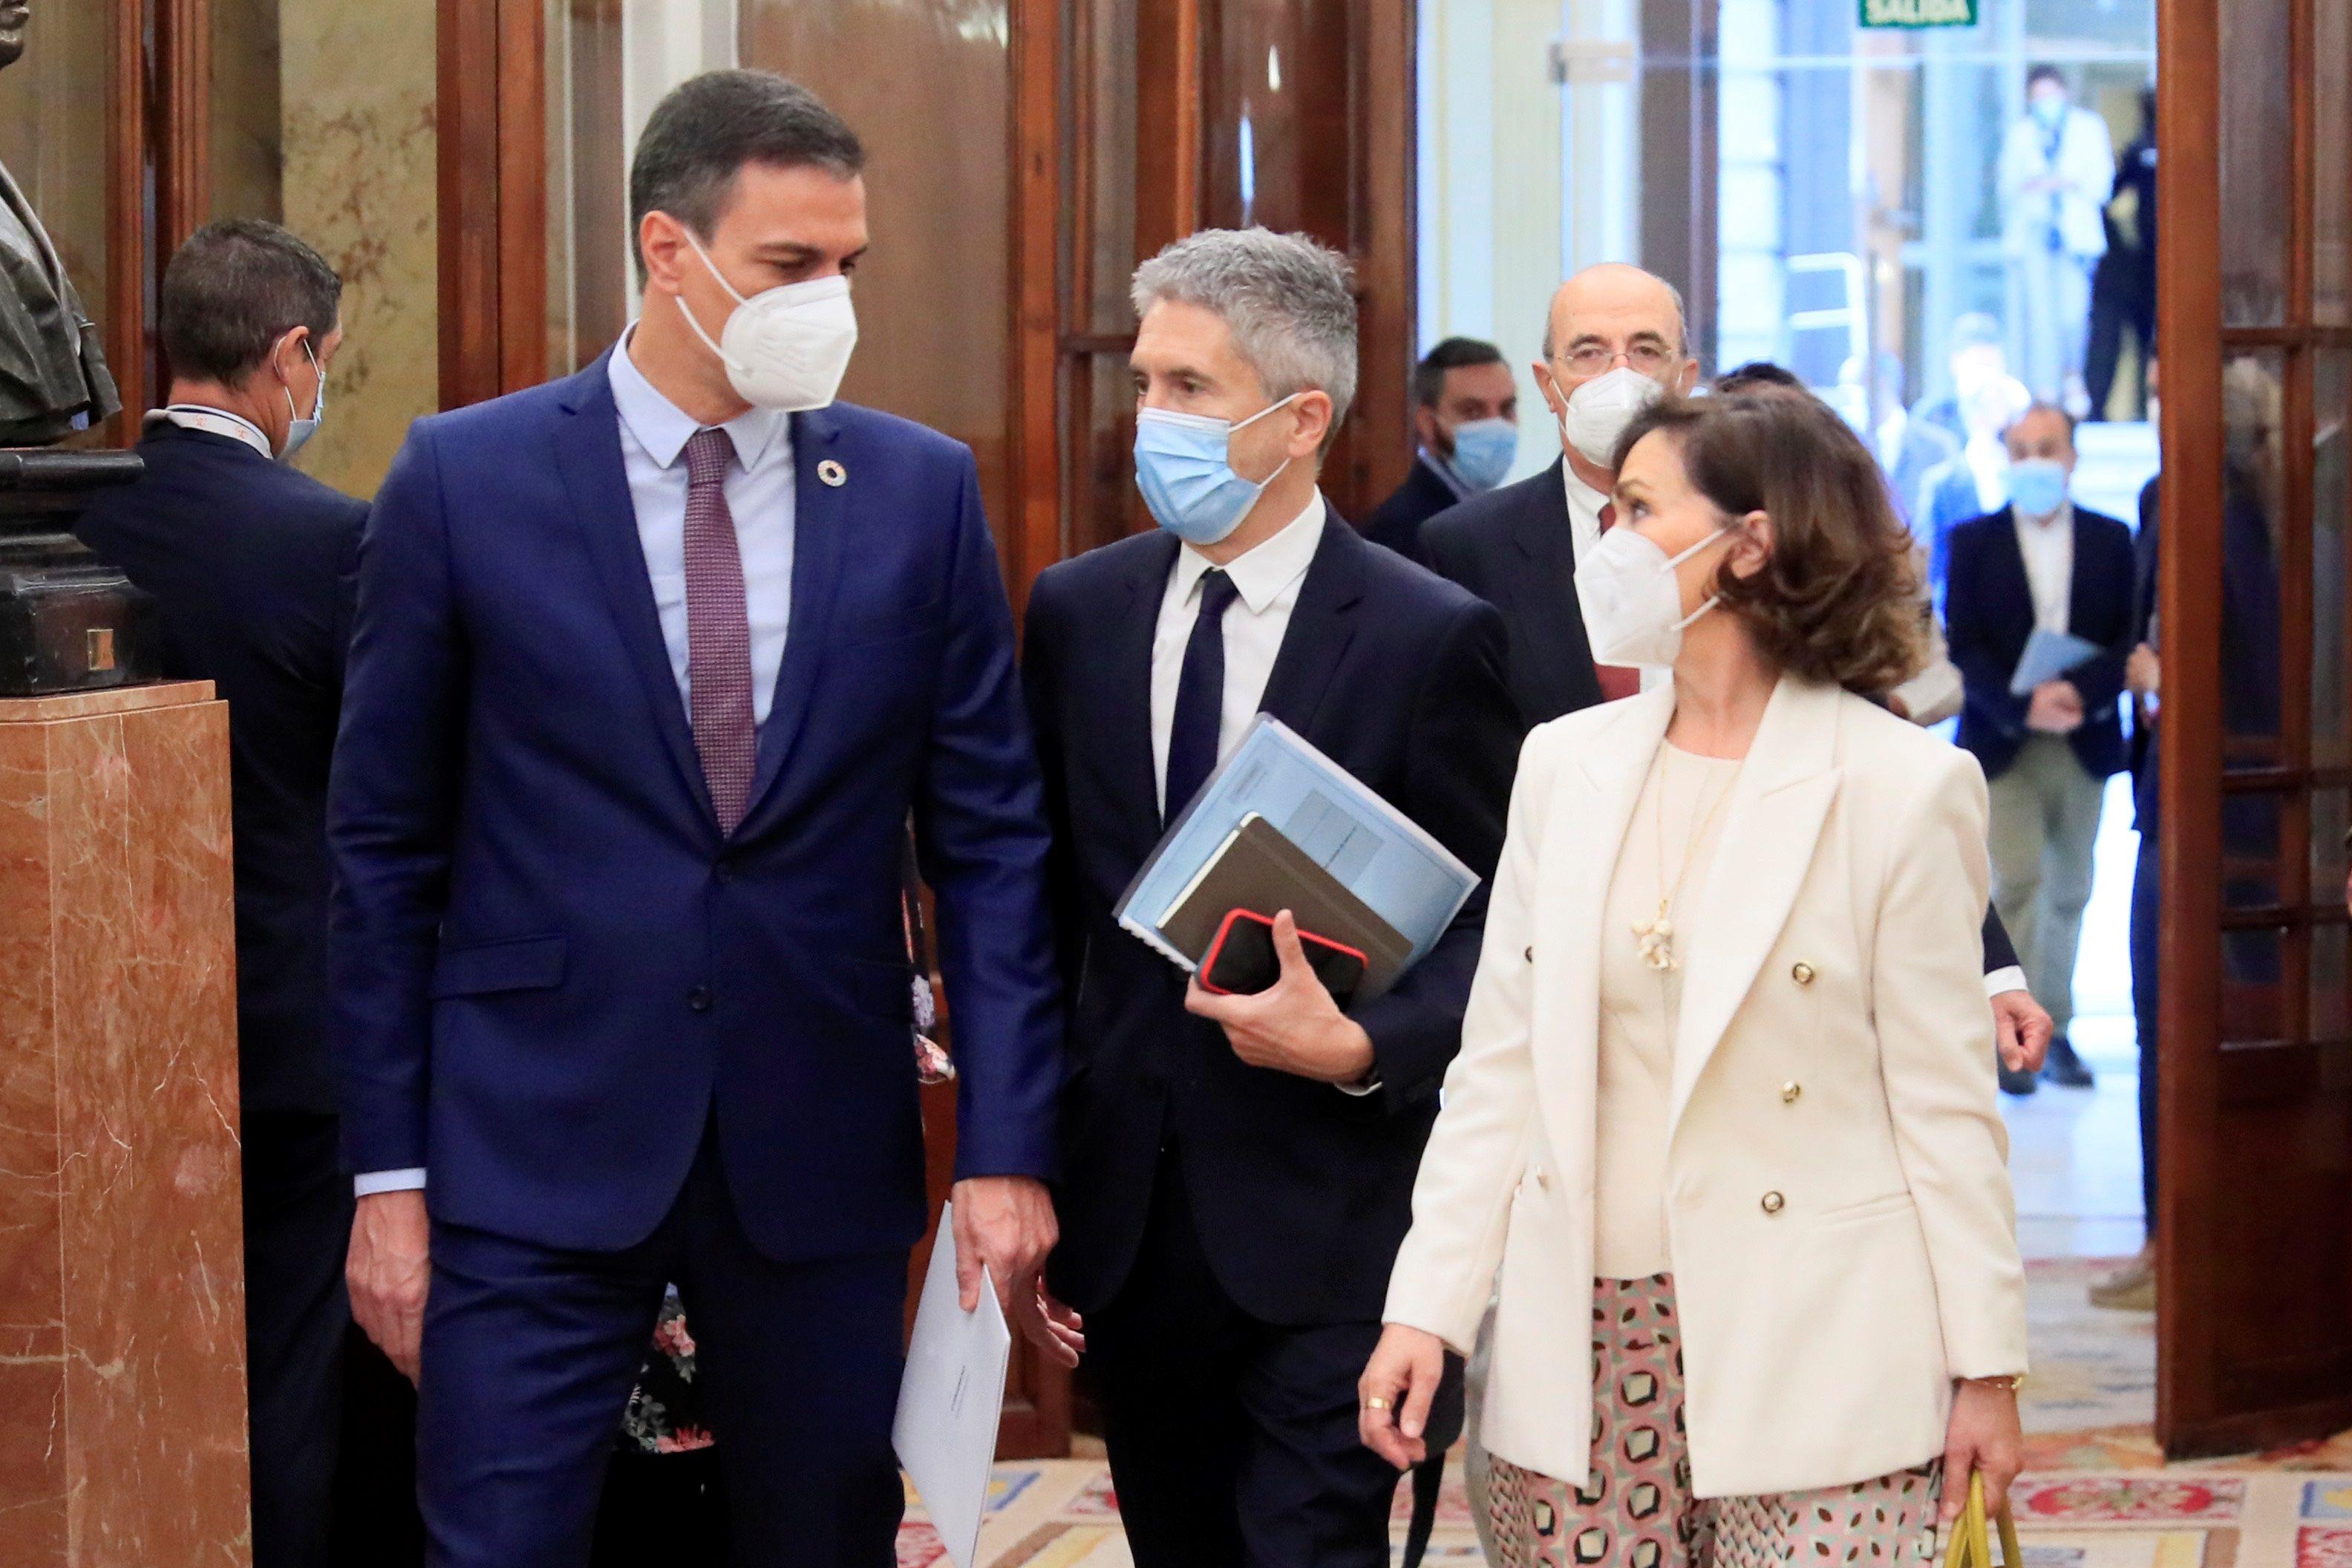 Grande-Marlaska, arropado por el presidente Pedro Sánchez y la vicepresidenta Carmen Calvo.